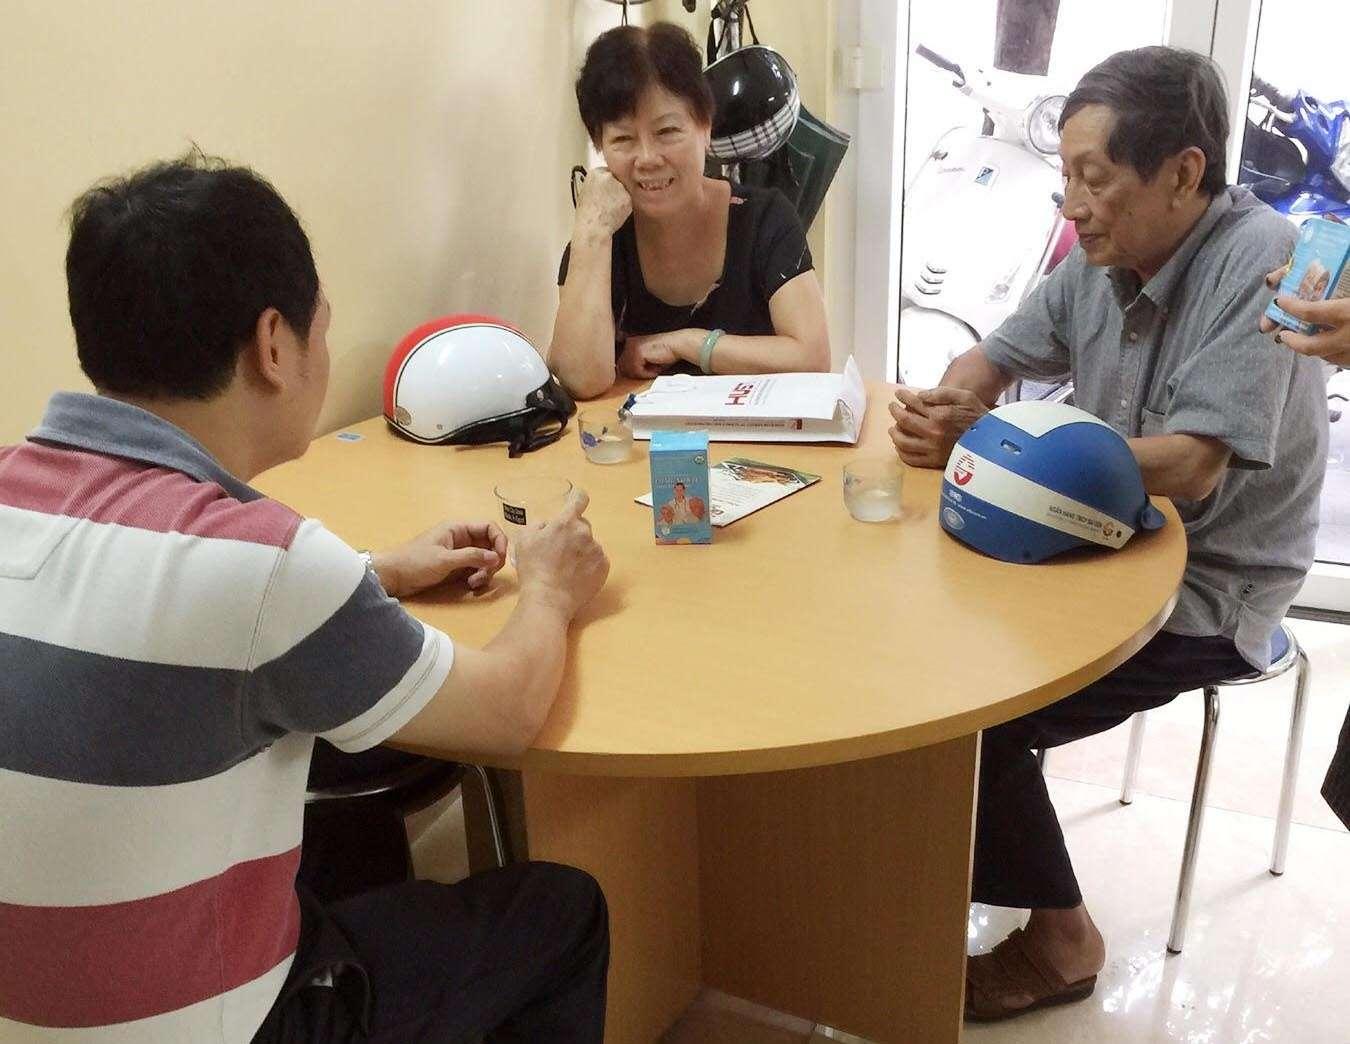 immunoba hỗ trợ cho bệnh nhân ung thư